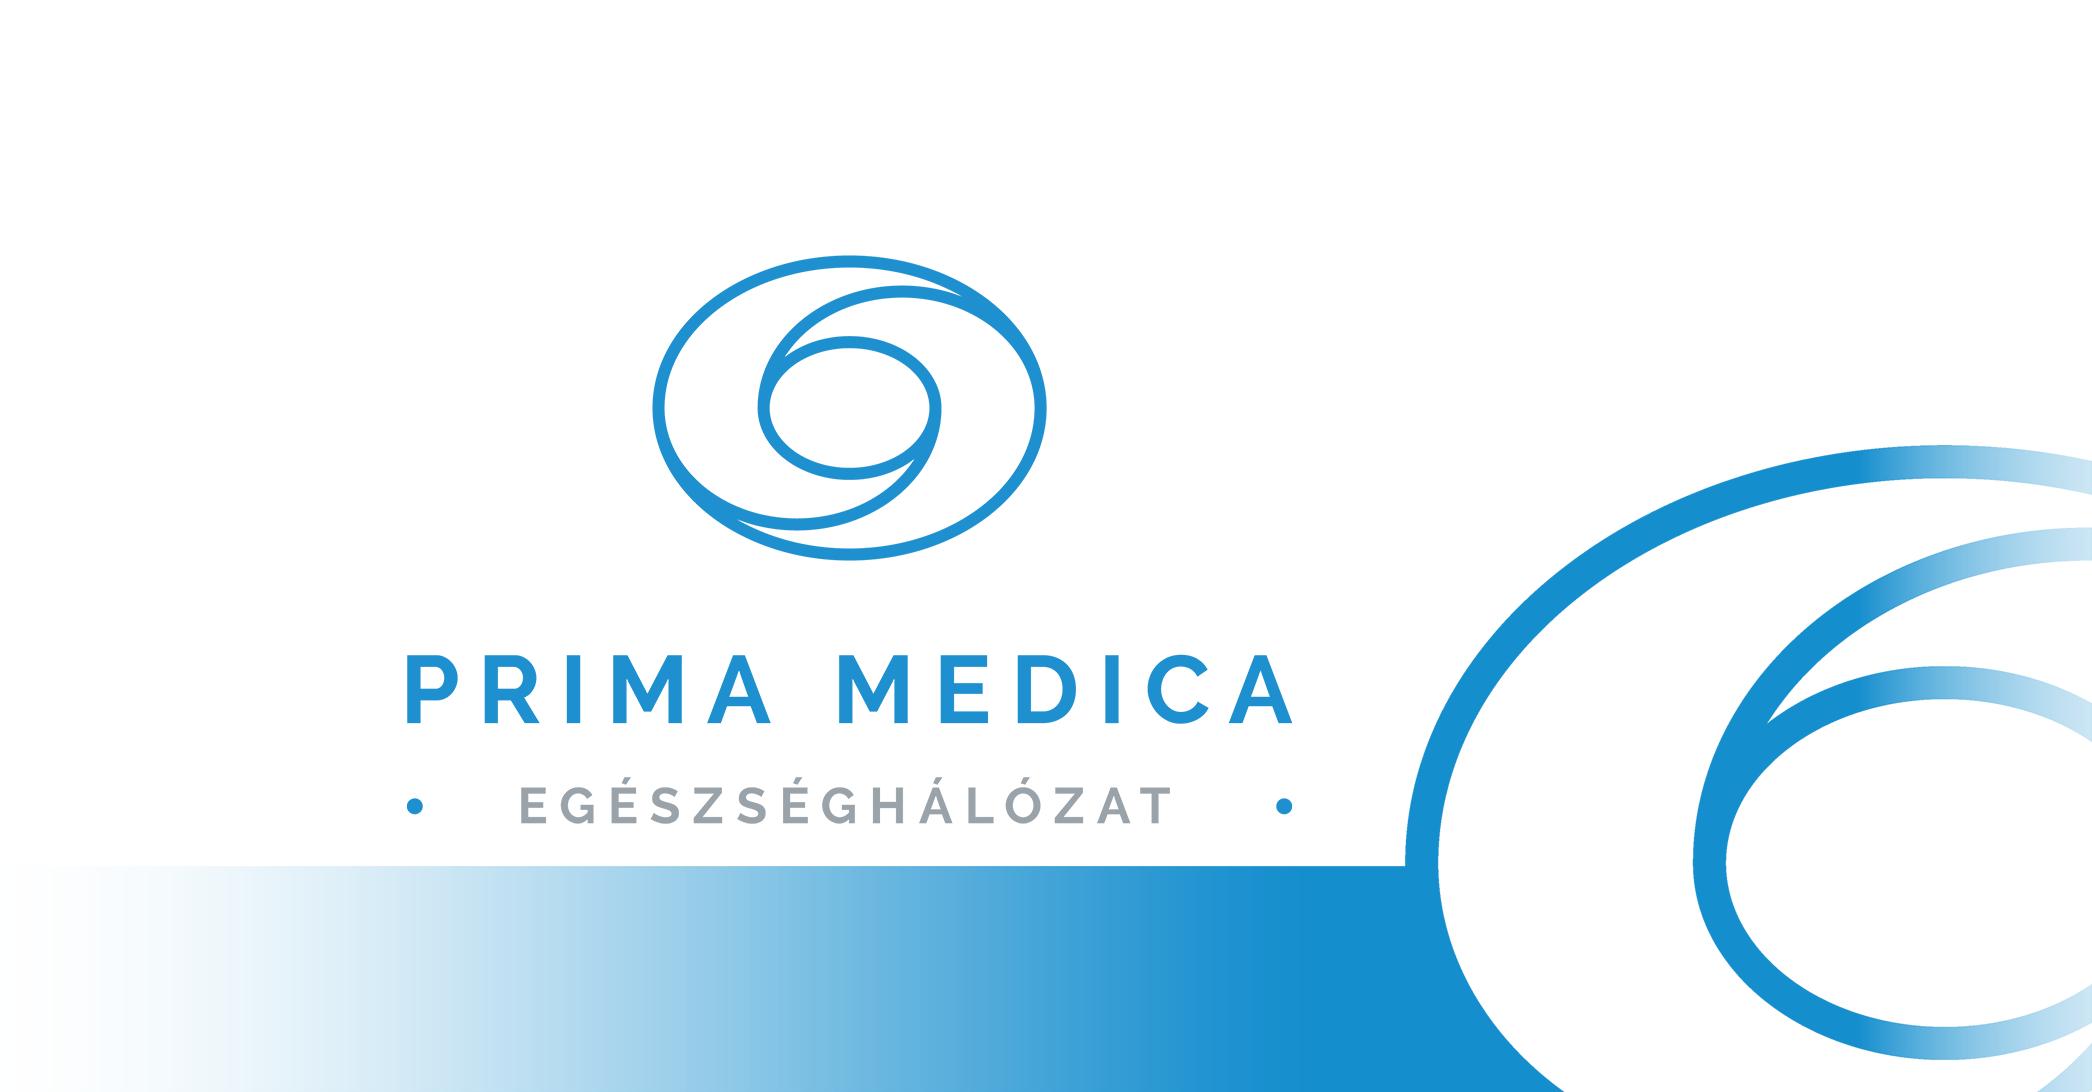 Mit tervez a Prima Medica Egészséghálózat?